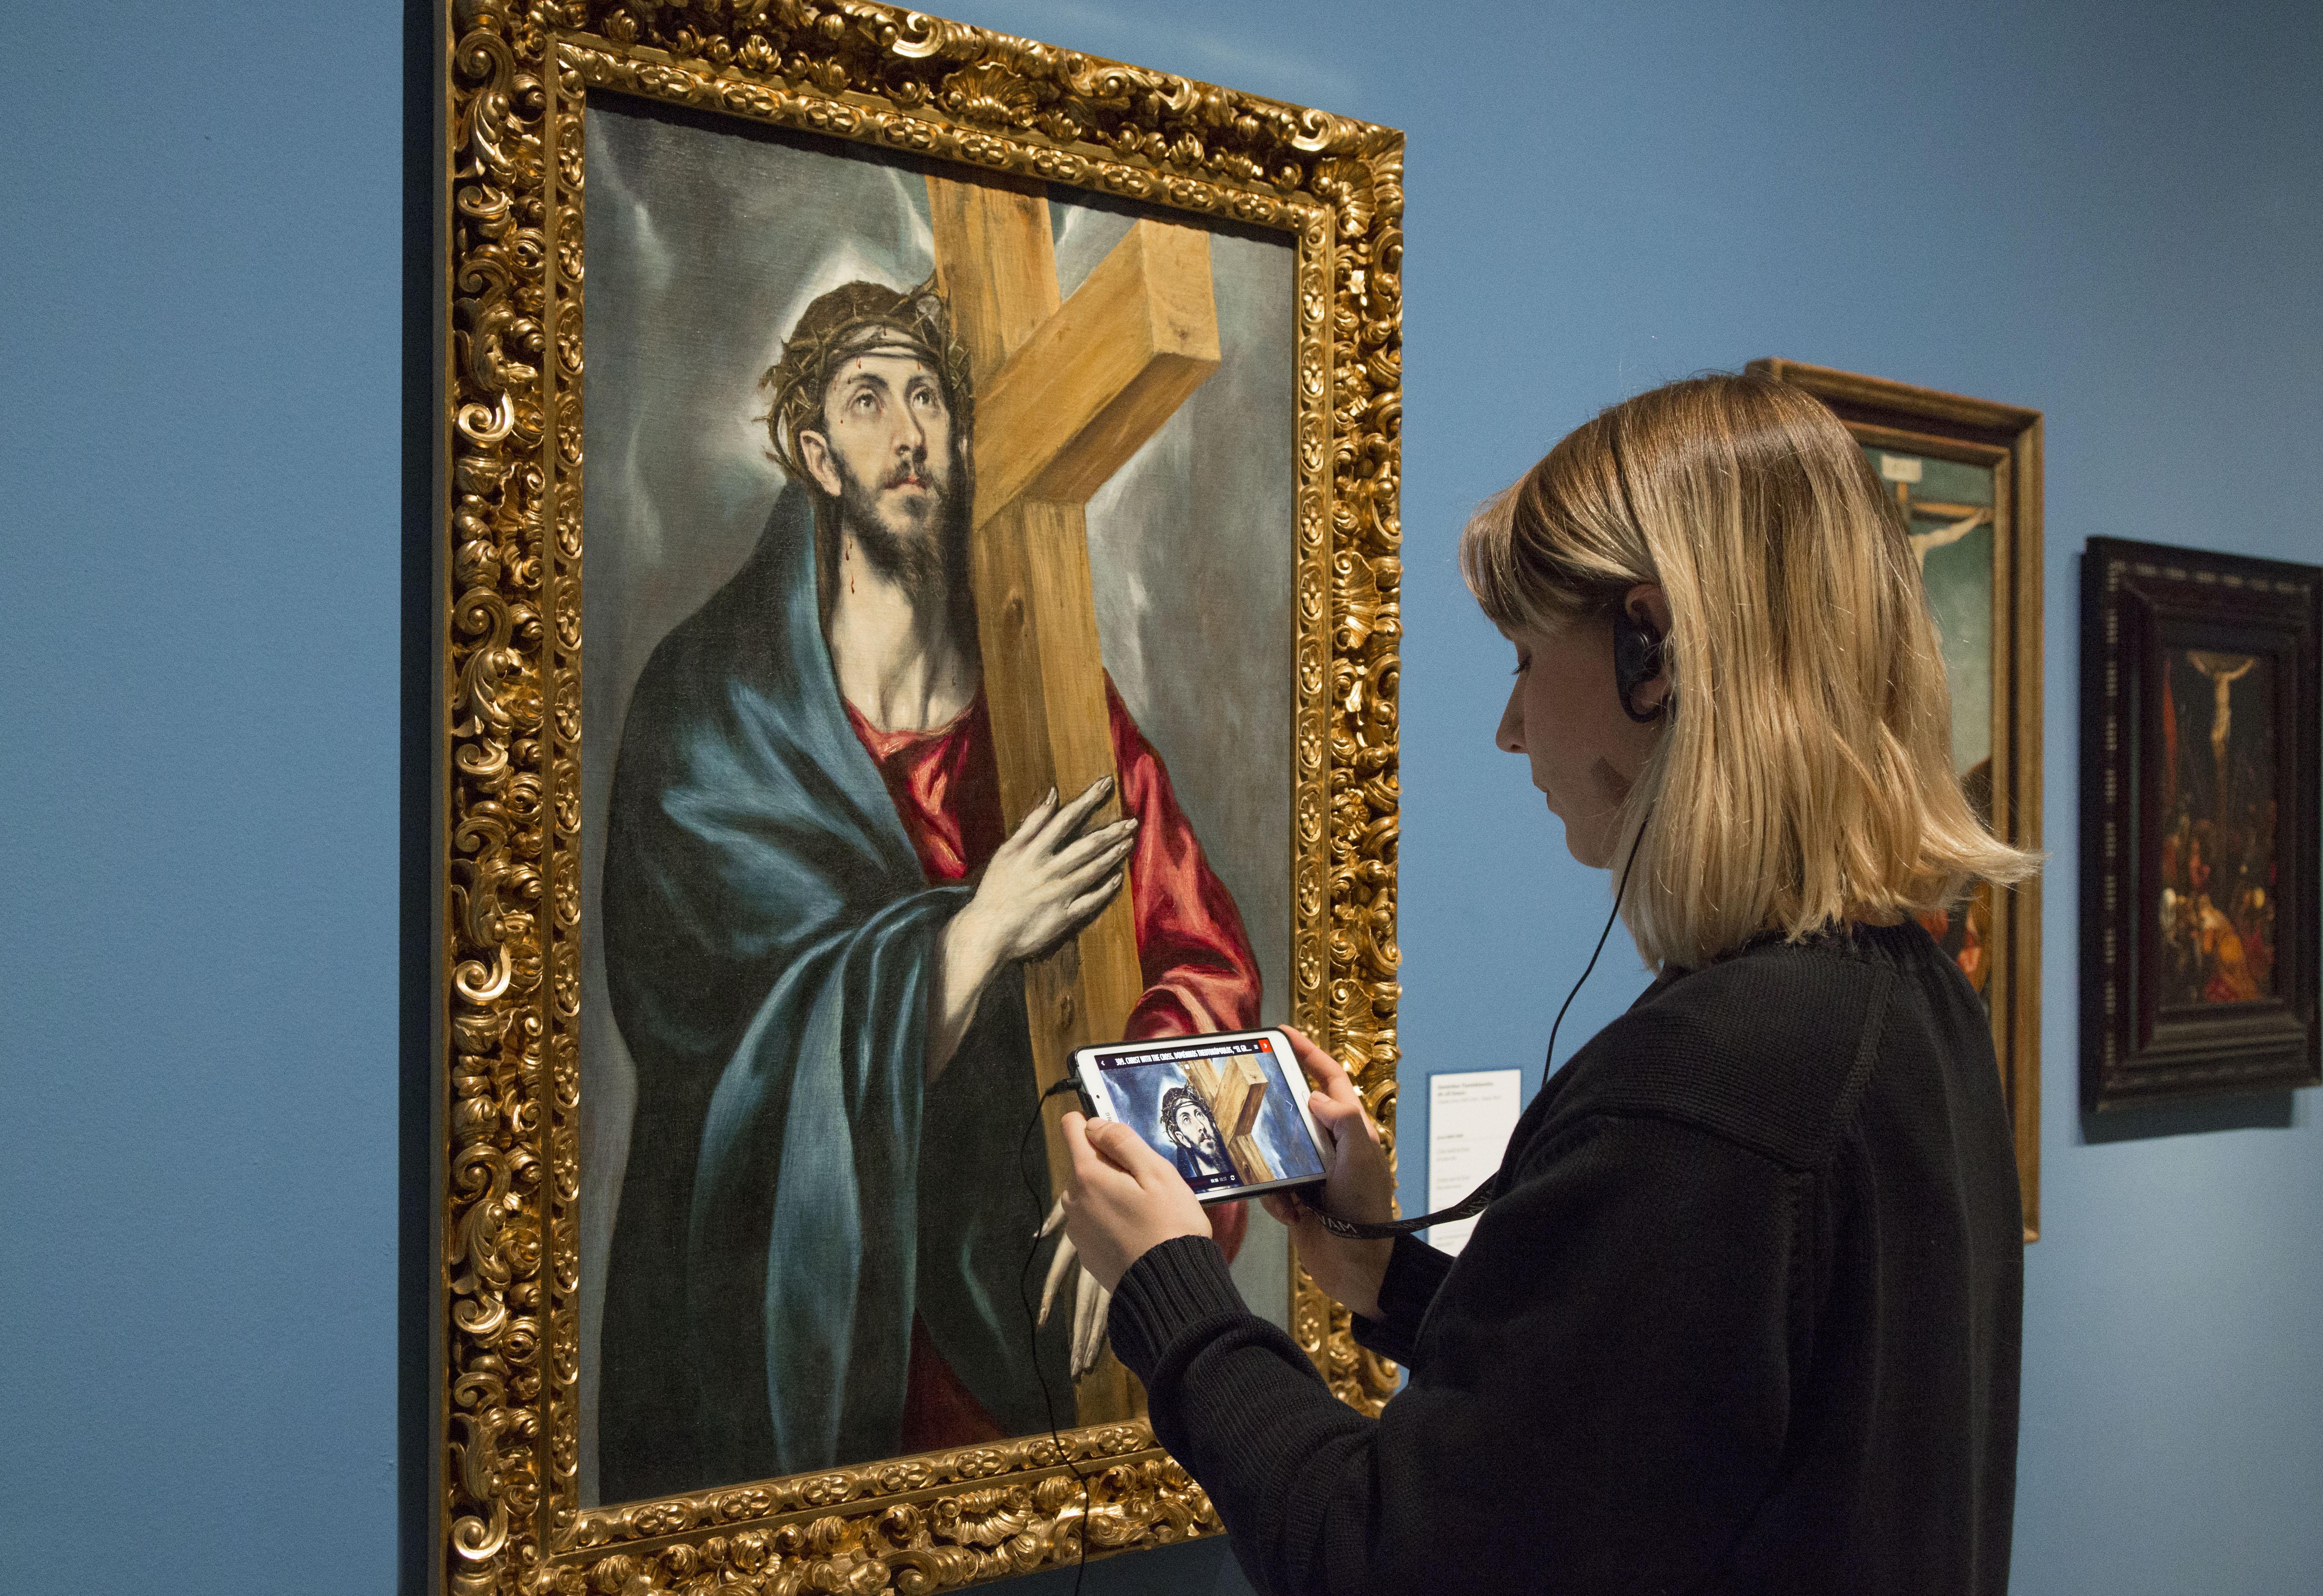 Visitant amb audioguia multimèdia en la sala de Renaixement i barroc